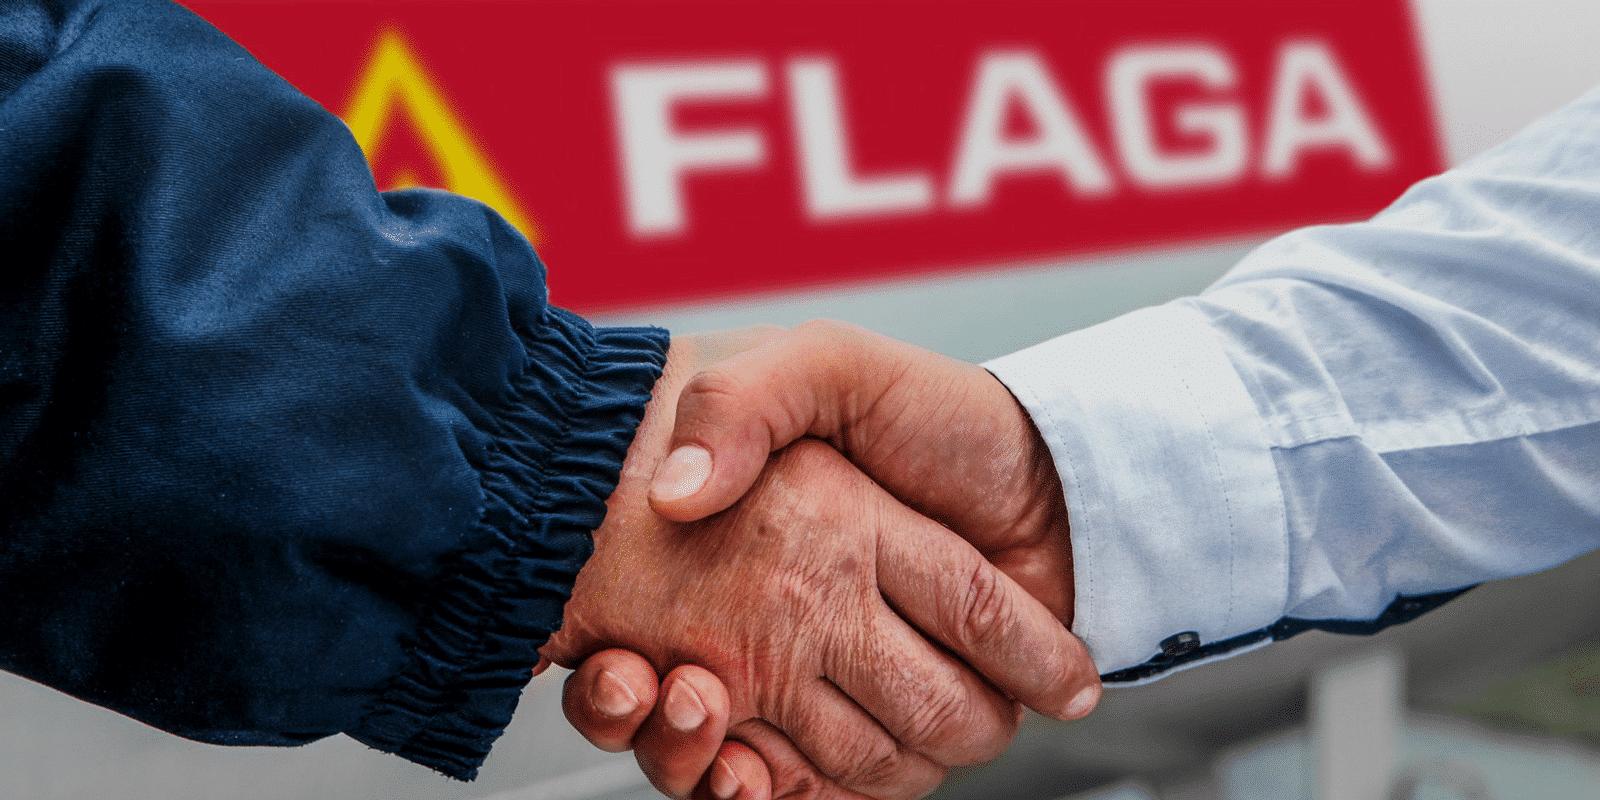 FLAGA übernimmt die Flüssiggasaktivitäten von SOCAR